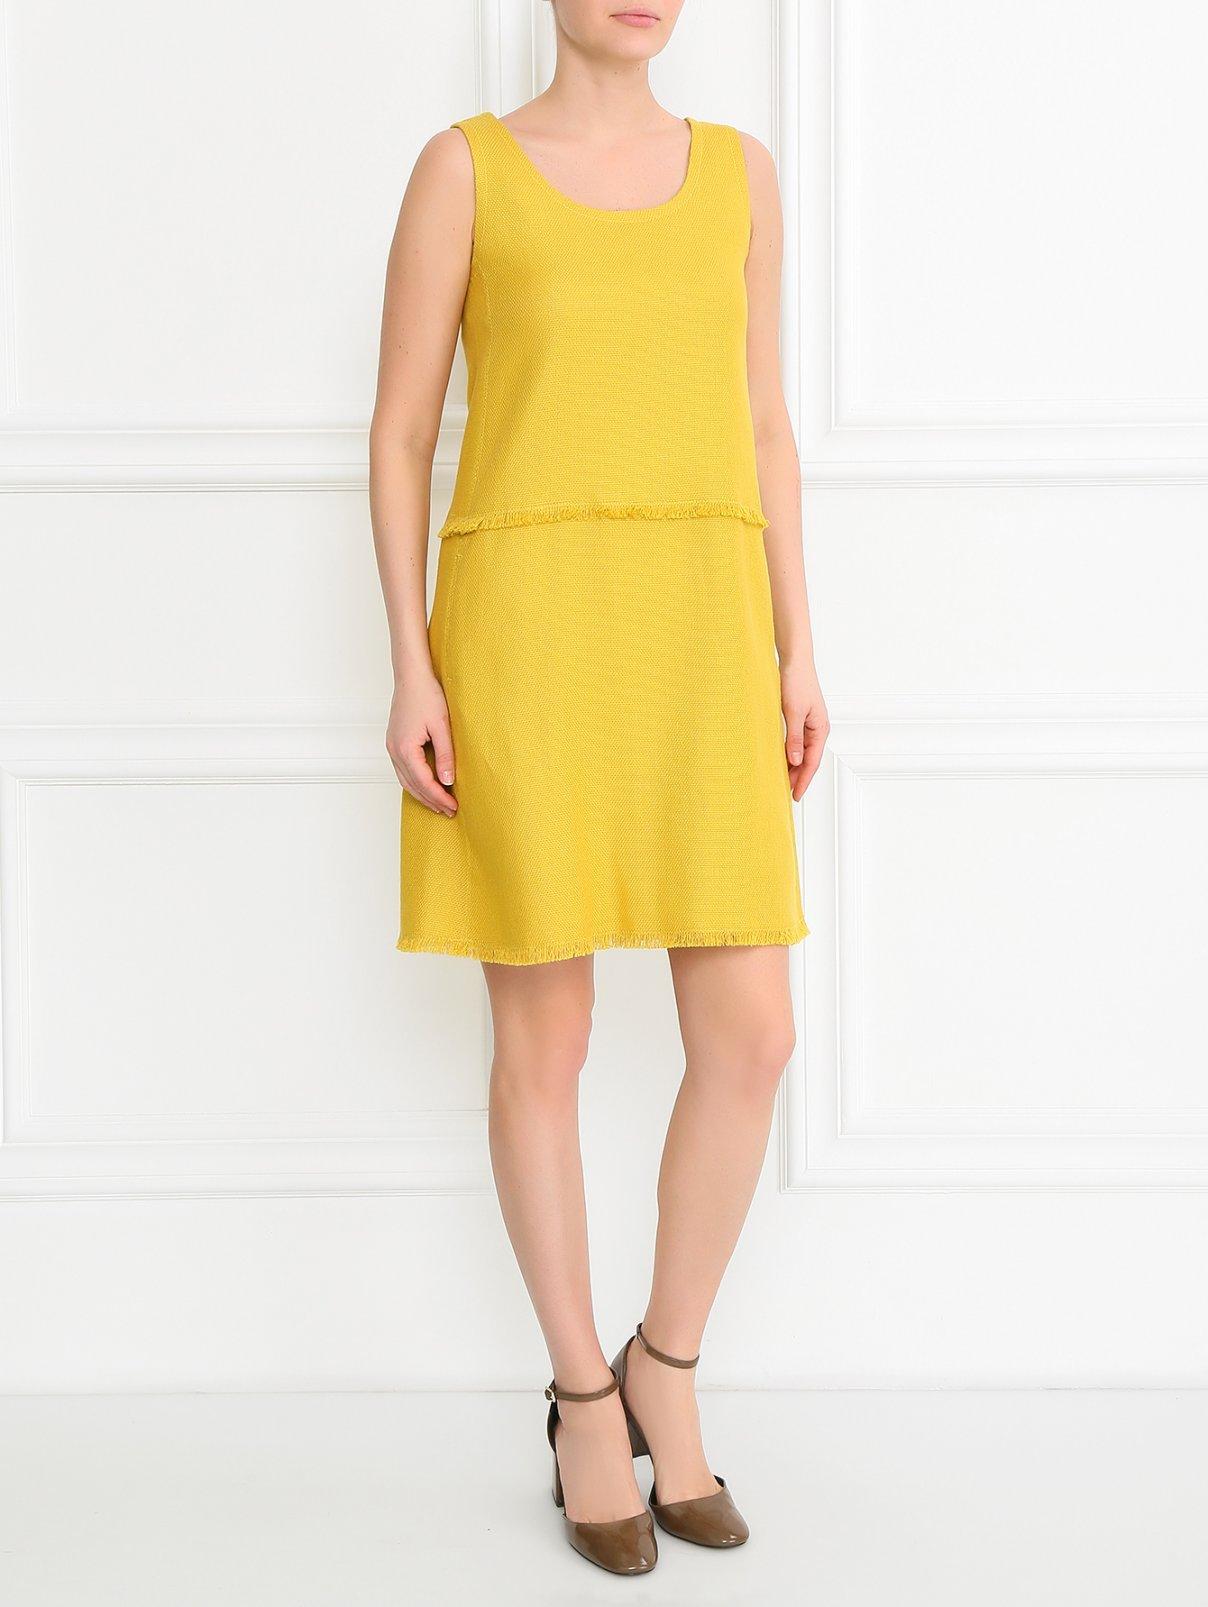 Платье-трапеция из льна и хлопка с бахромой S Max Mara  –  Модель Общий вид